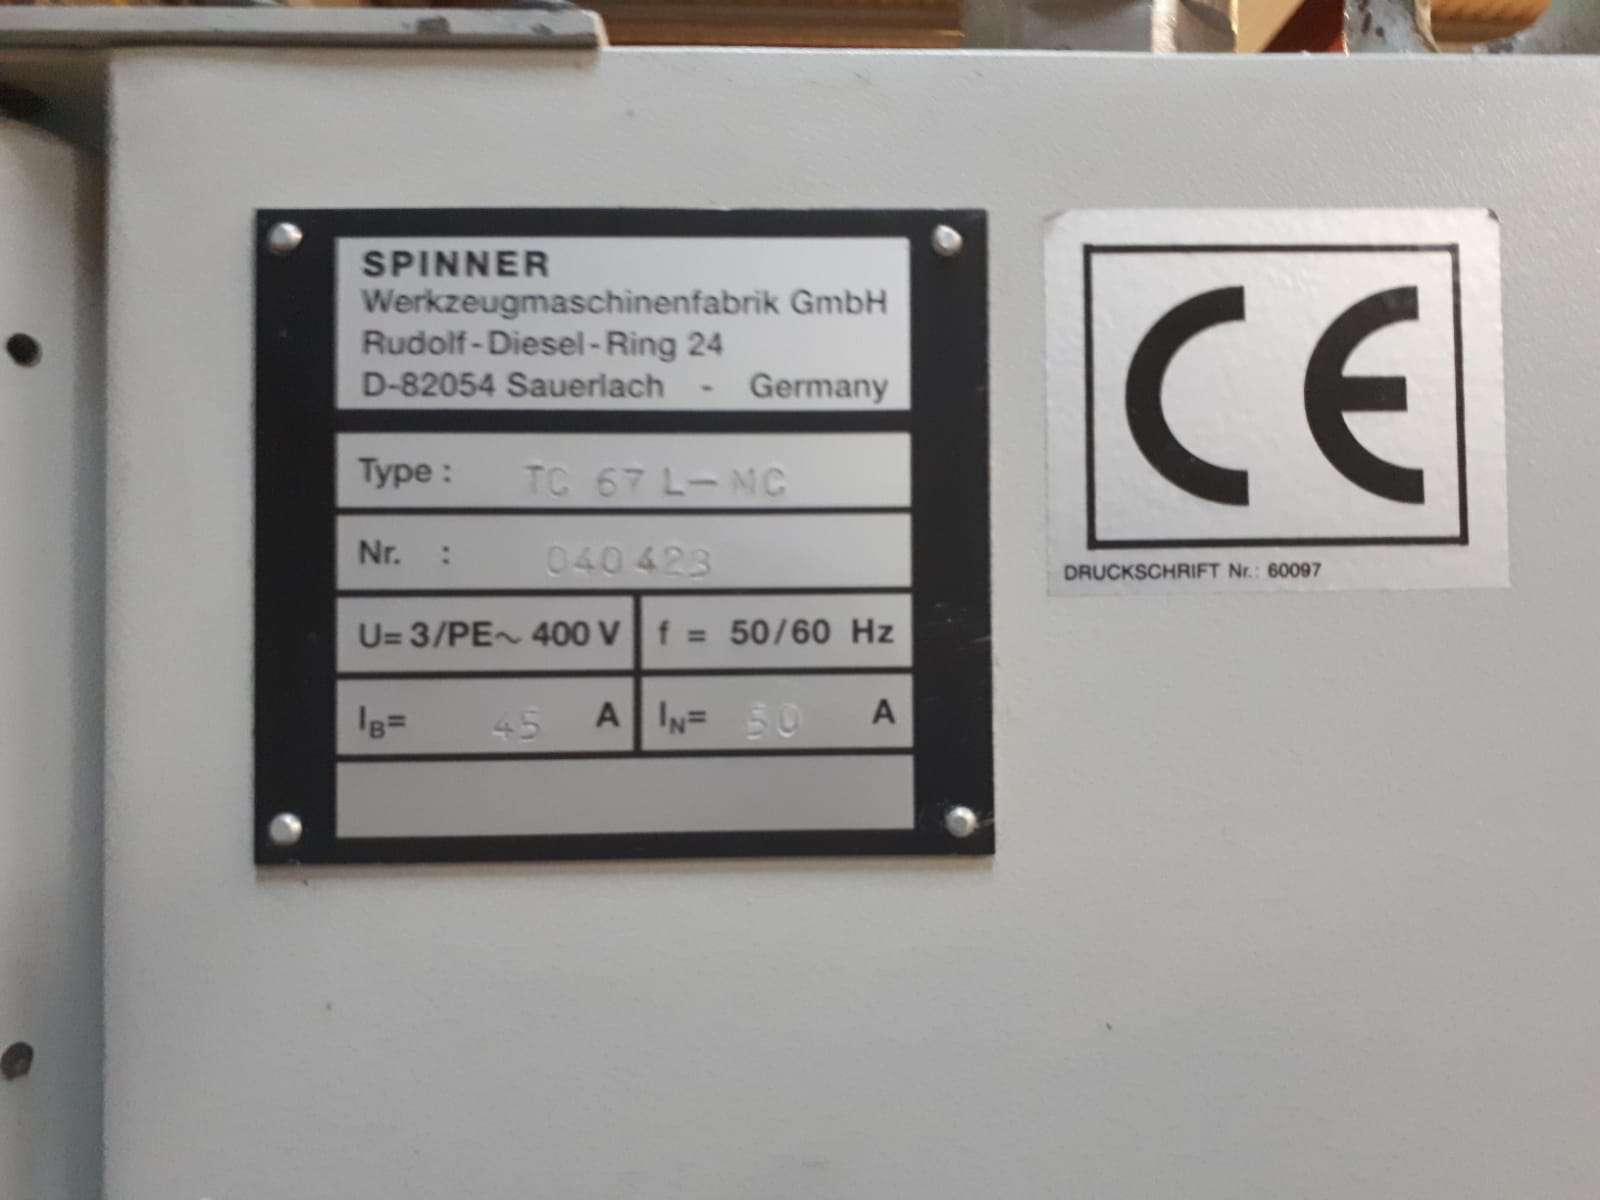 Токарный станок с ЧПУ Spinner TC 67 L MC фото на Industry-Pilot